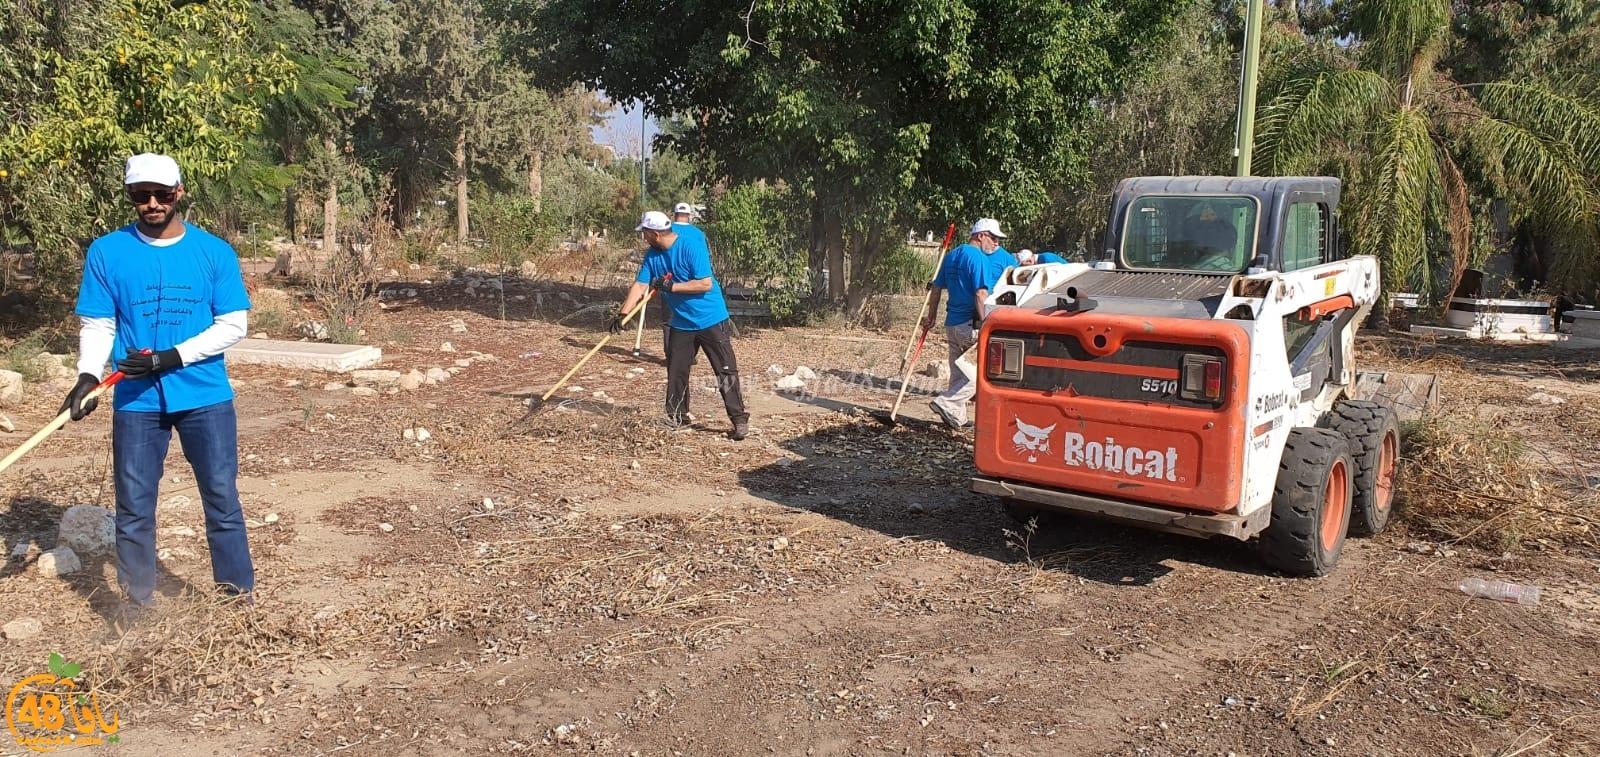 صور: انطلاق أضخم مشروع لترميم وصيانة المقدّسات في اللد الرباط